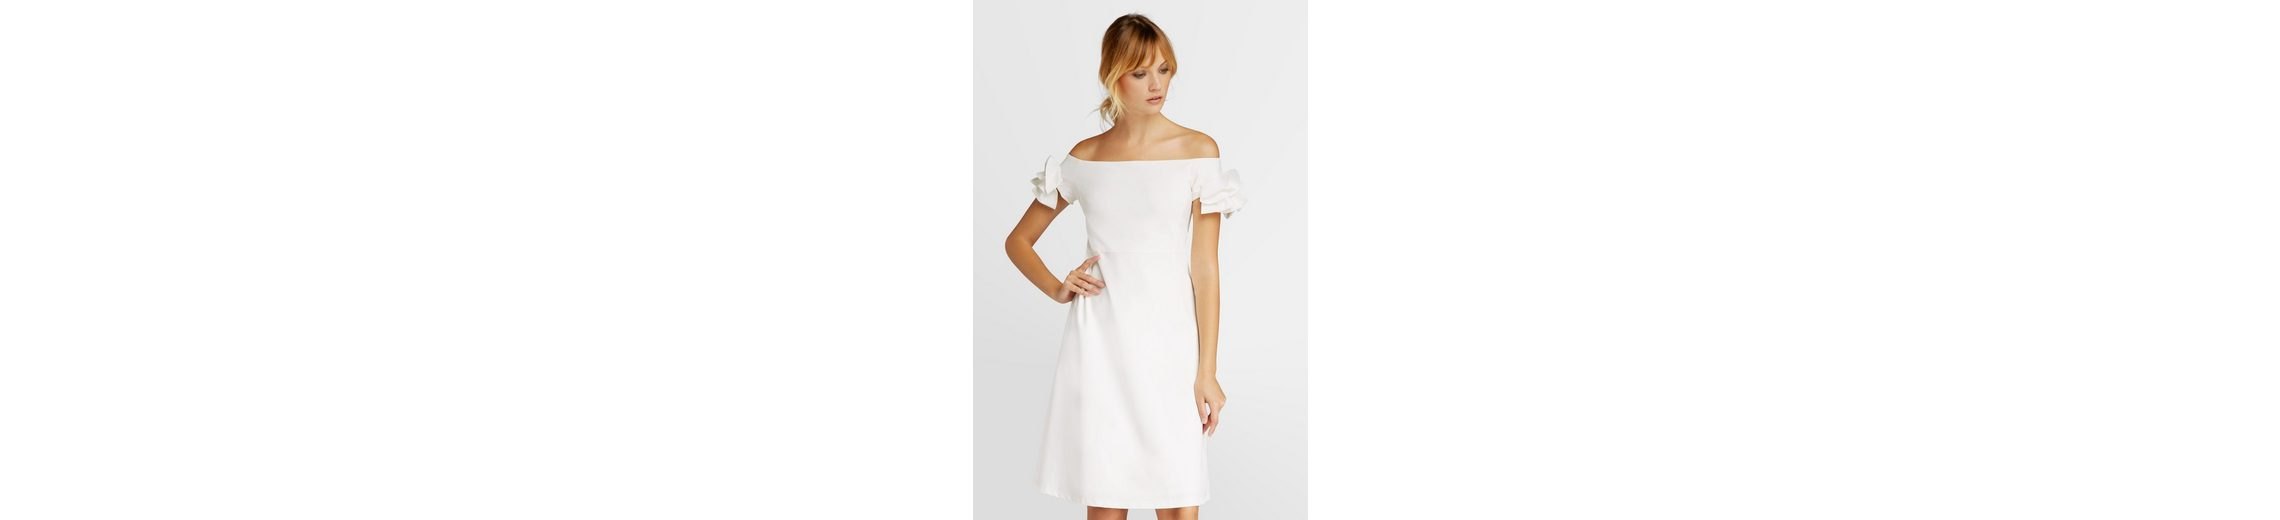 Bester Ort Neueste Apart Kleid VdaOc6f